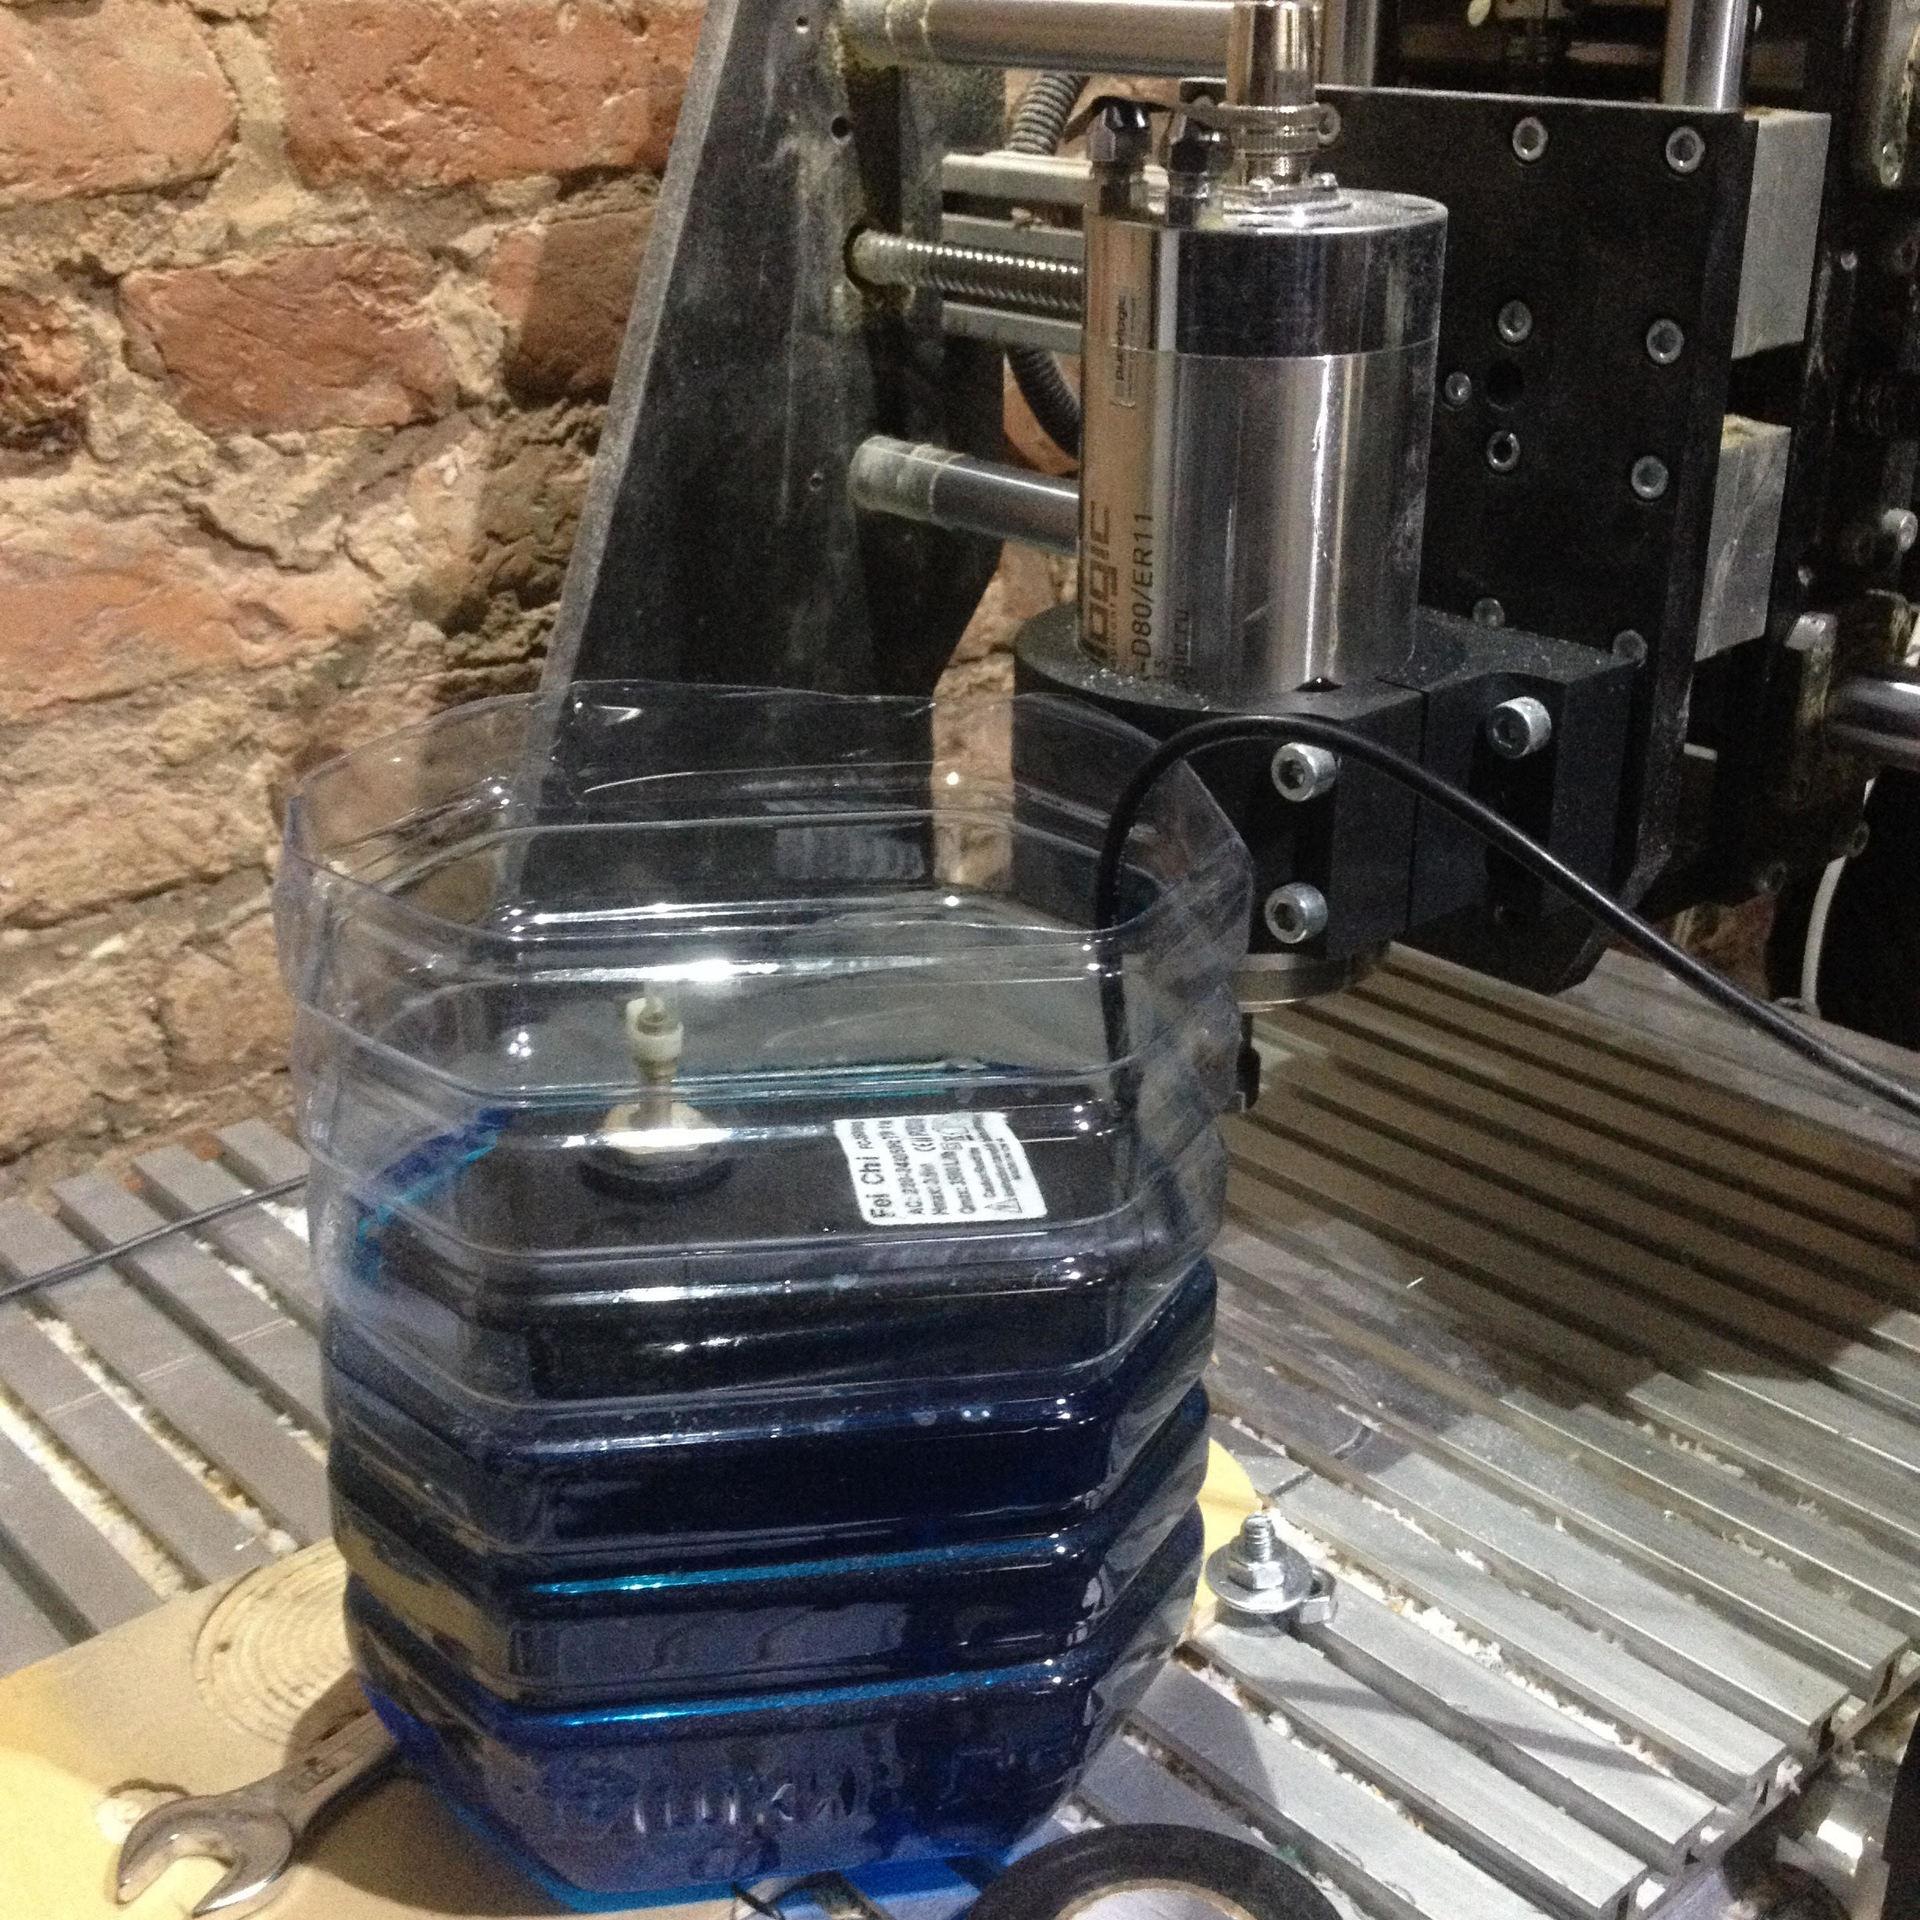 DIY система охлаждения для ЧПУ фрезера - 2